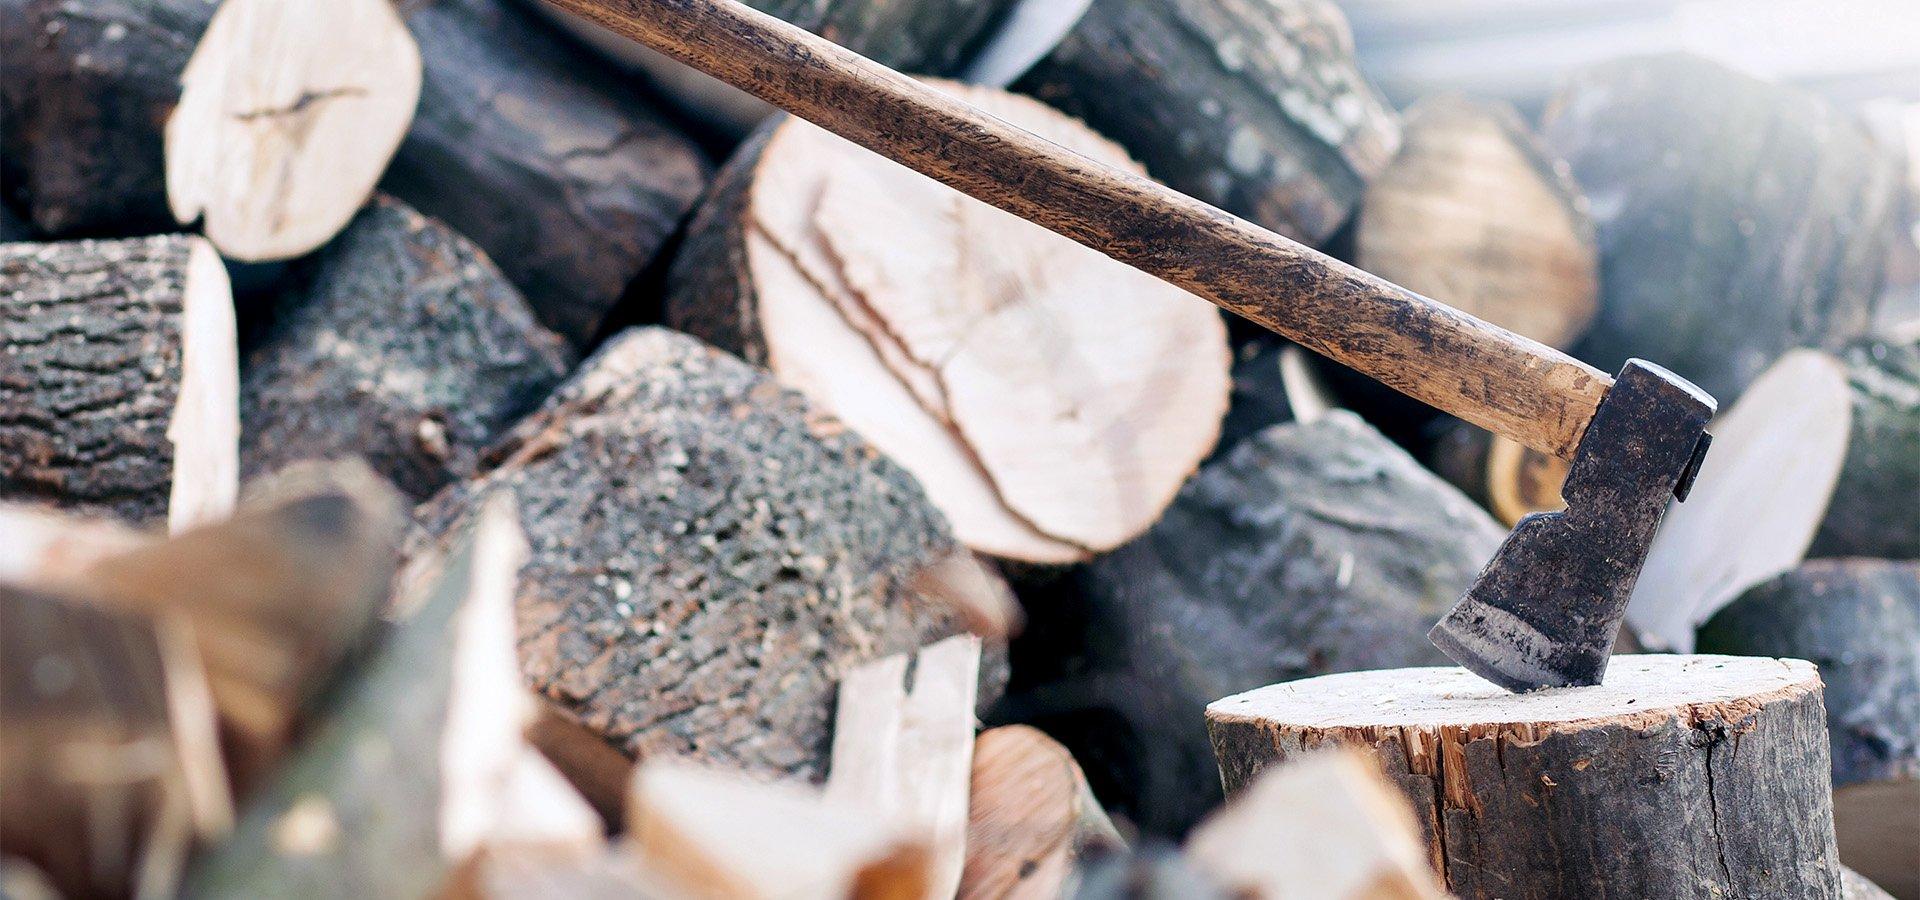 PRIMAGAS - Wechsel von Holz zu Flüssiggas - Scheitholz, Holz, Beil, Hackbeil, Holzklotz